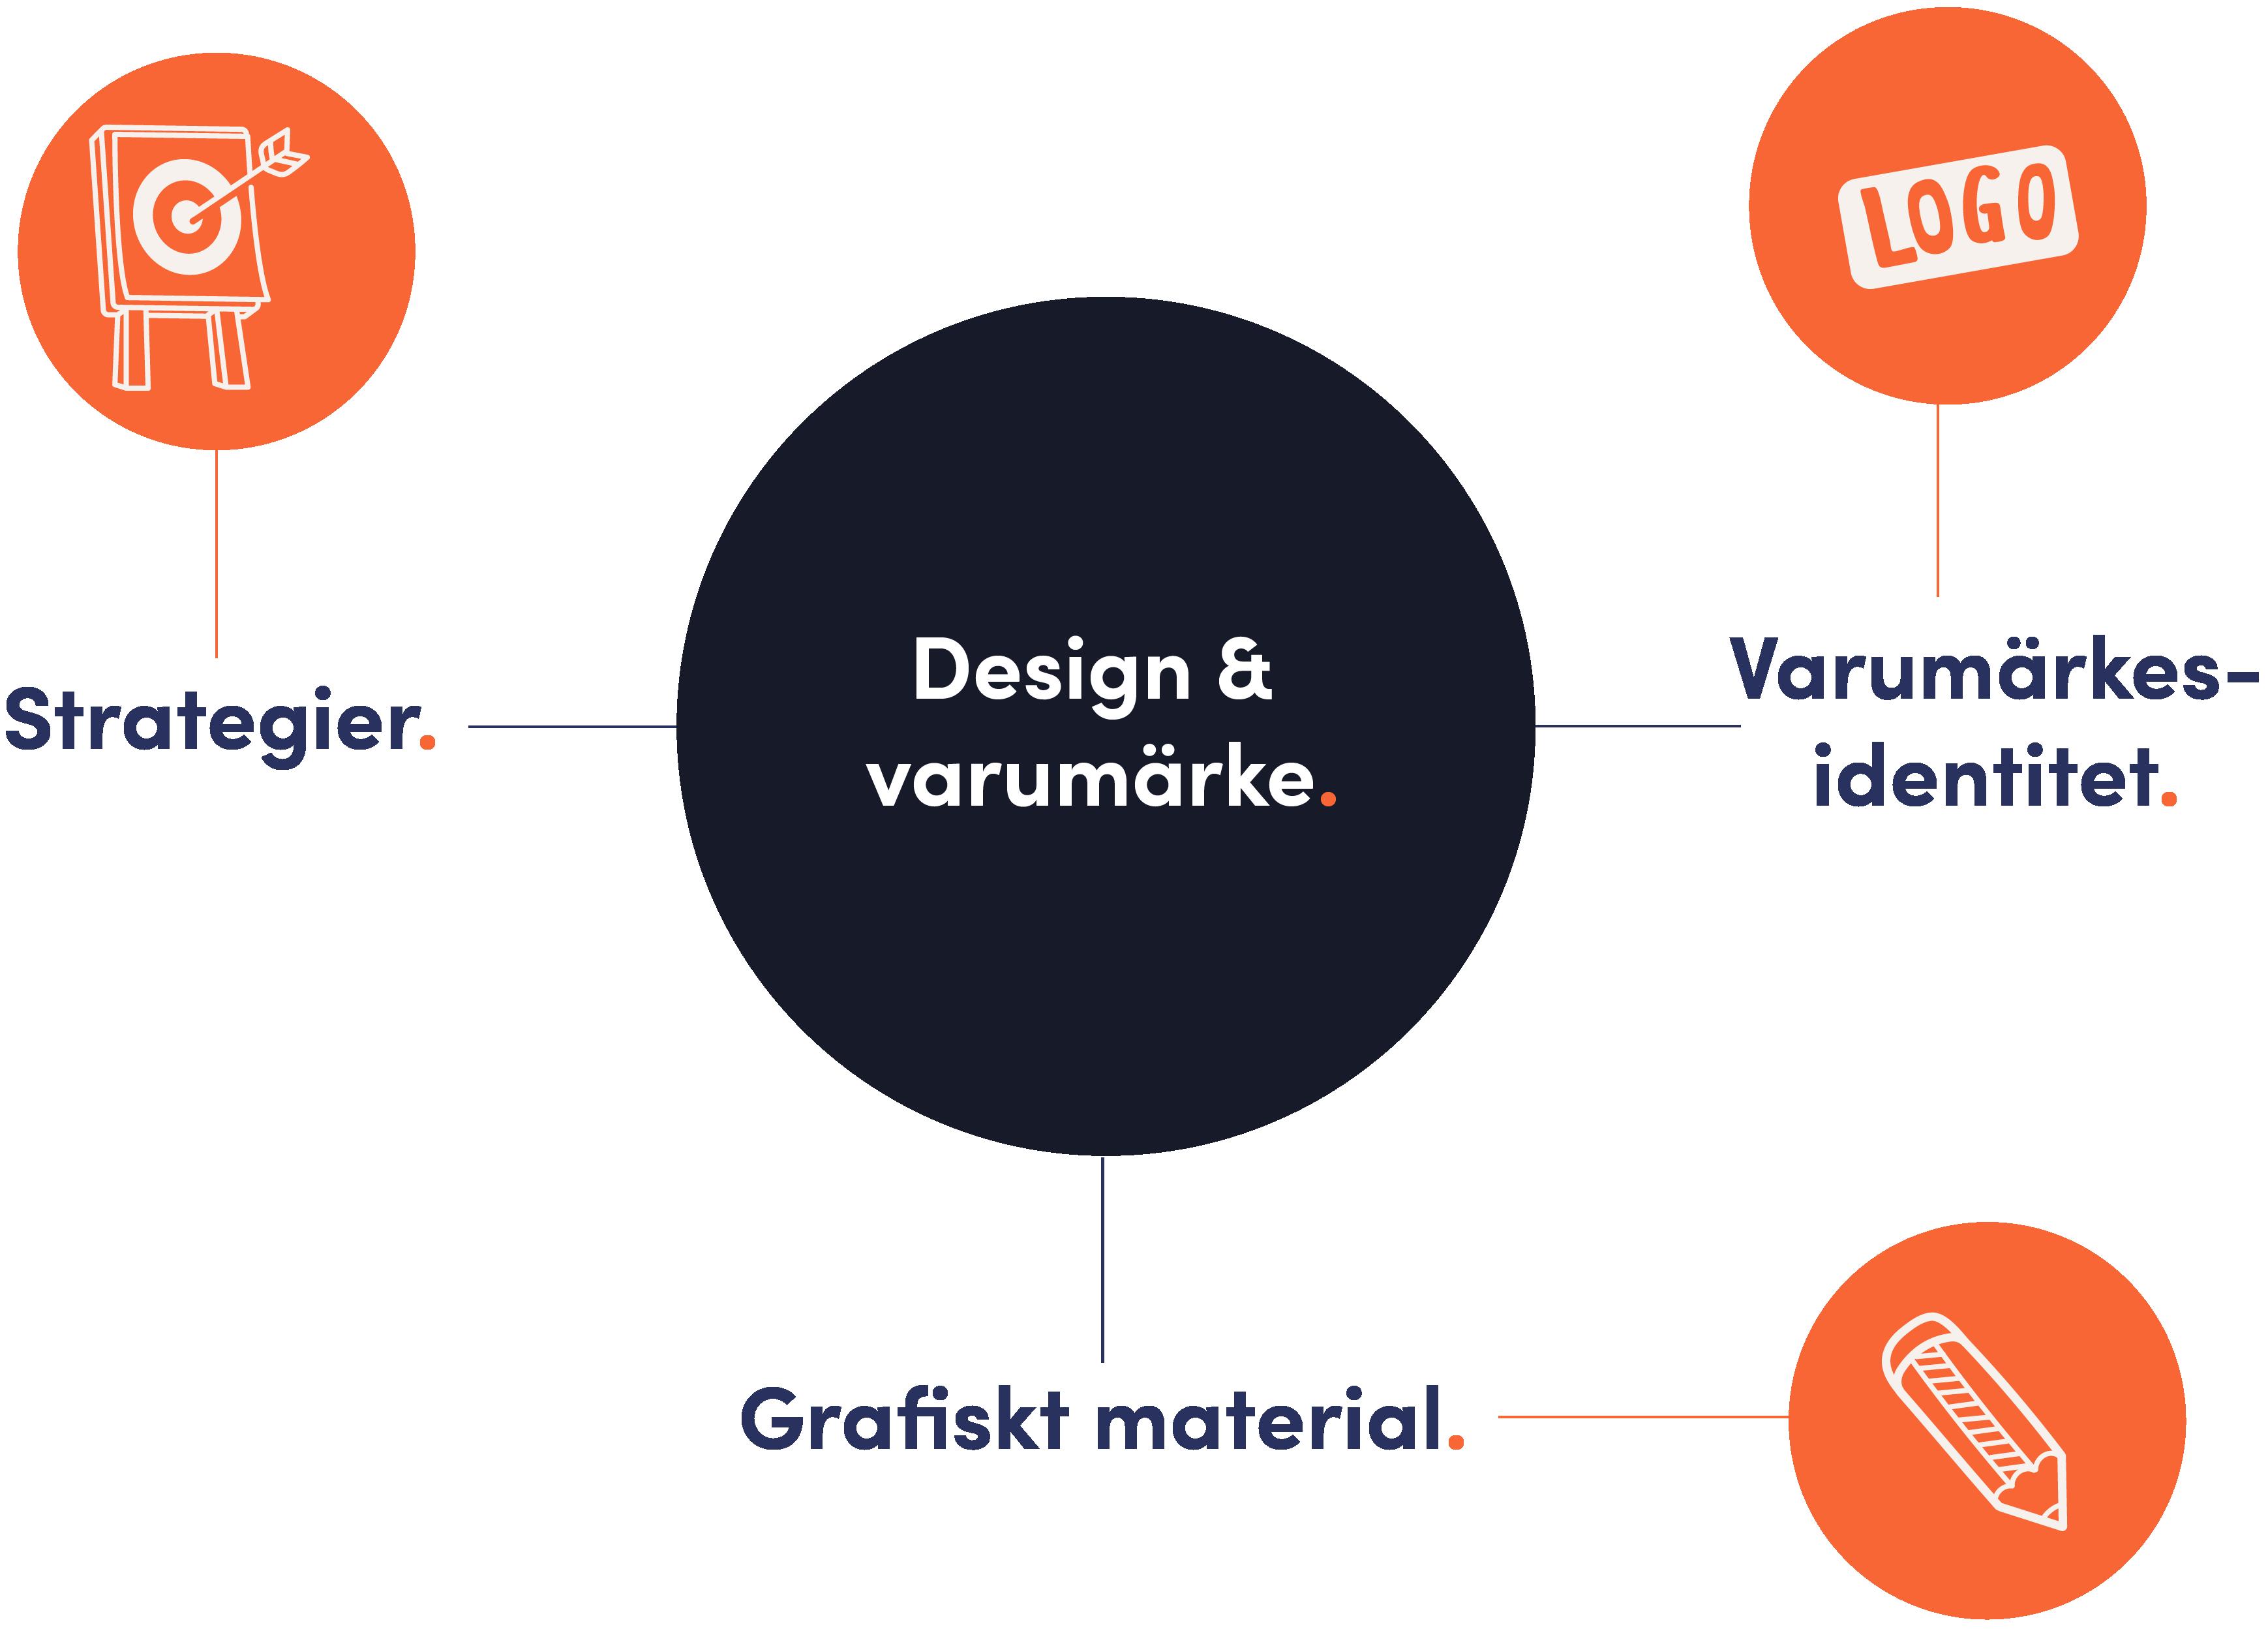 Webbyrå i Norrköping som jobbar med grafisk design och varumärkesidentiteter